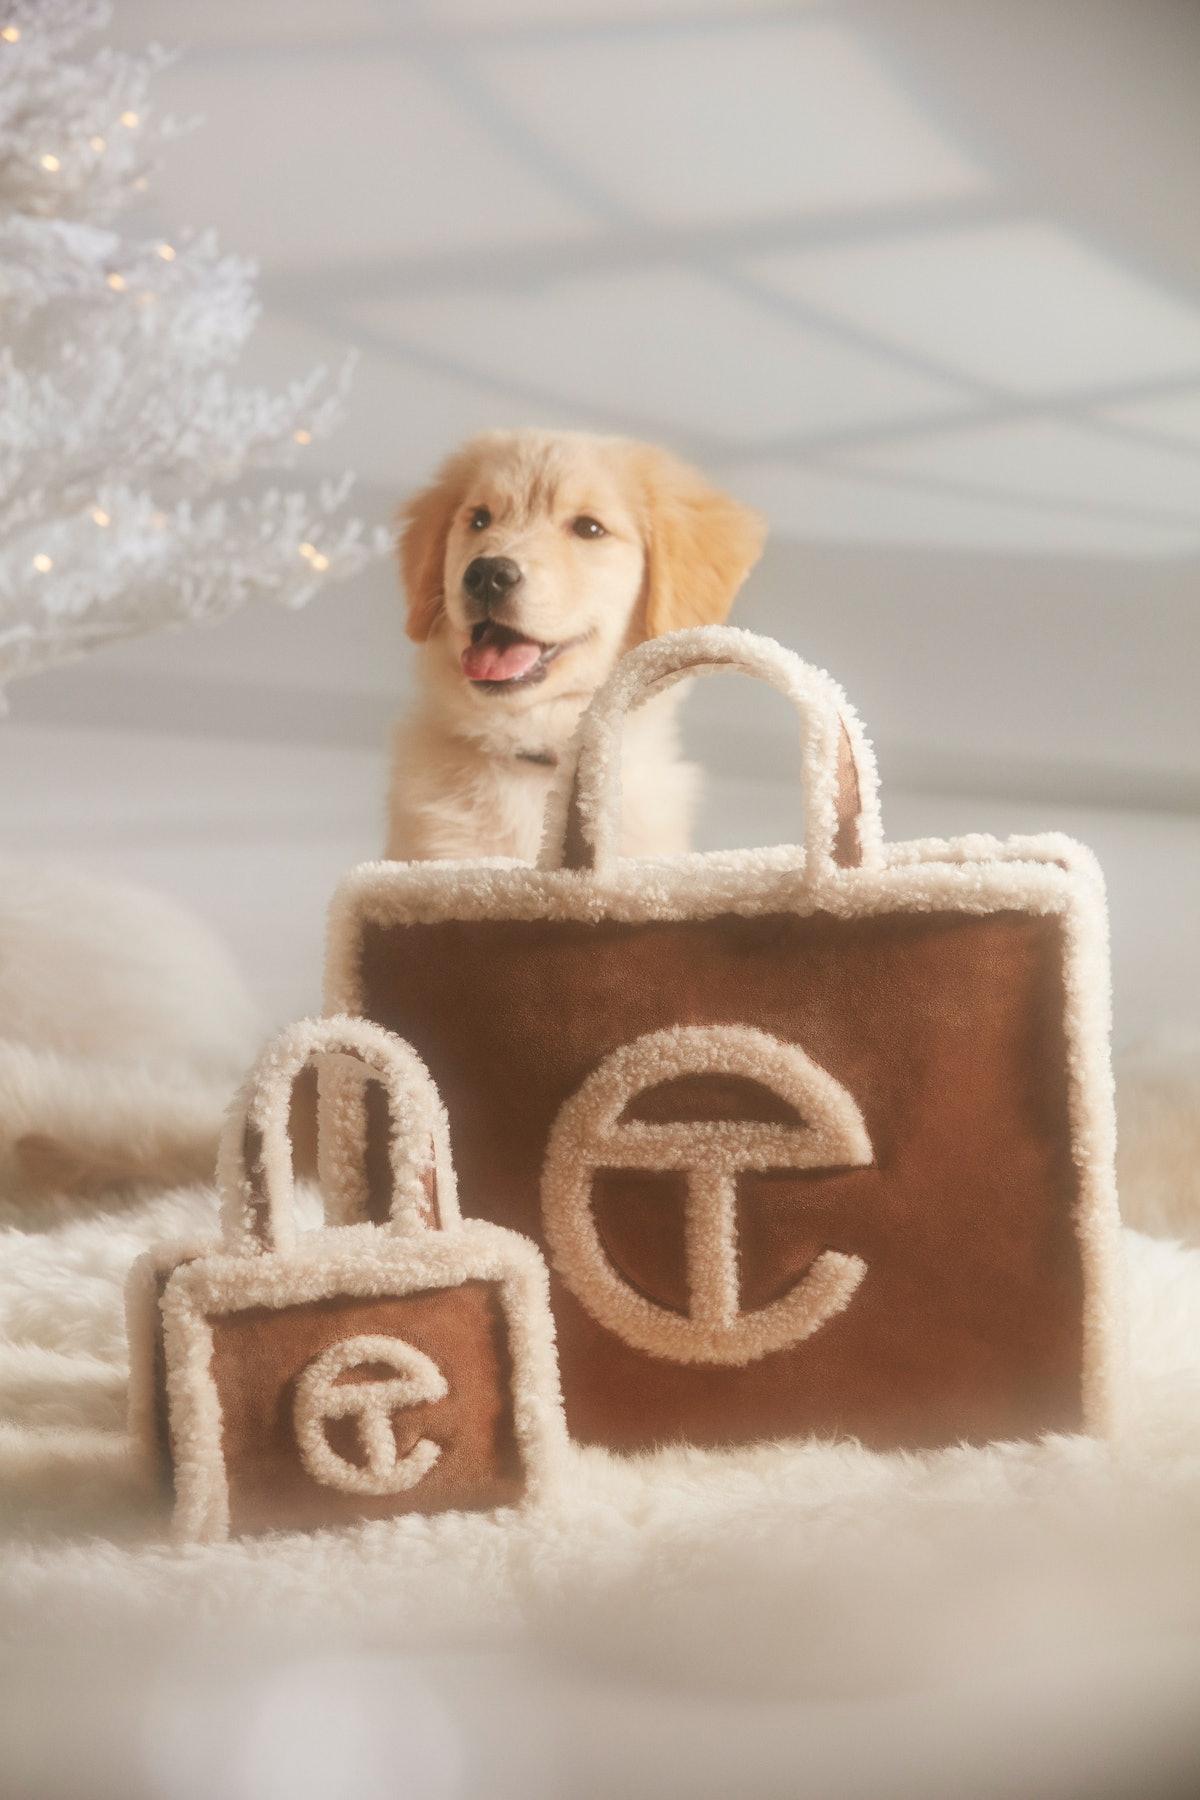 An adorable dog with two Telfar x Ugg bags